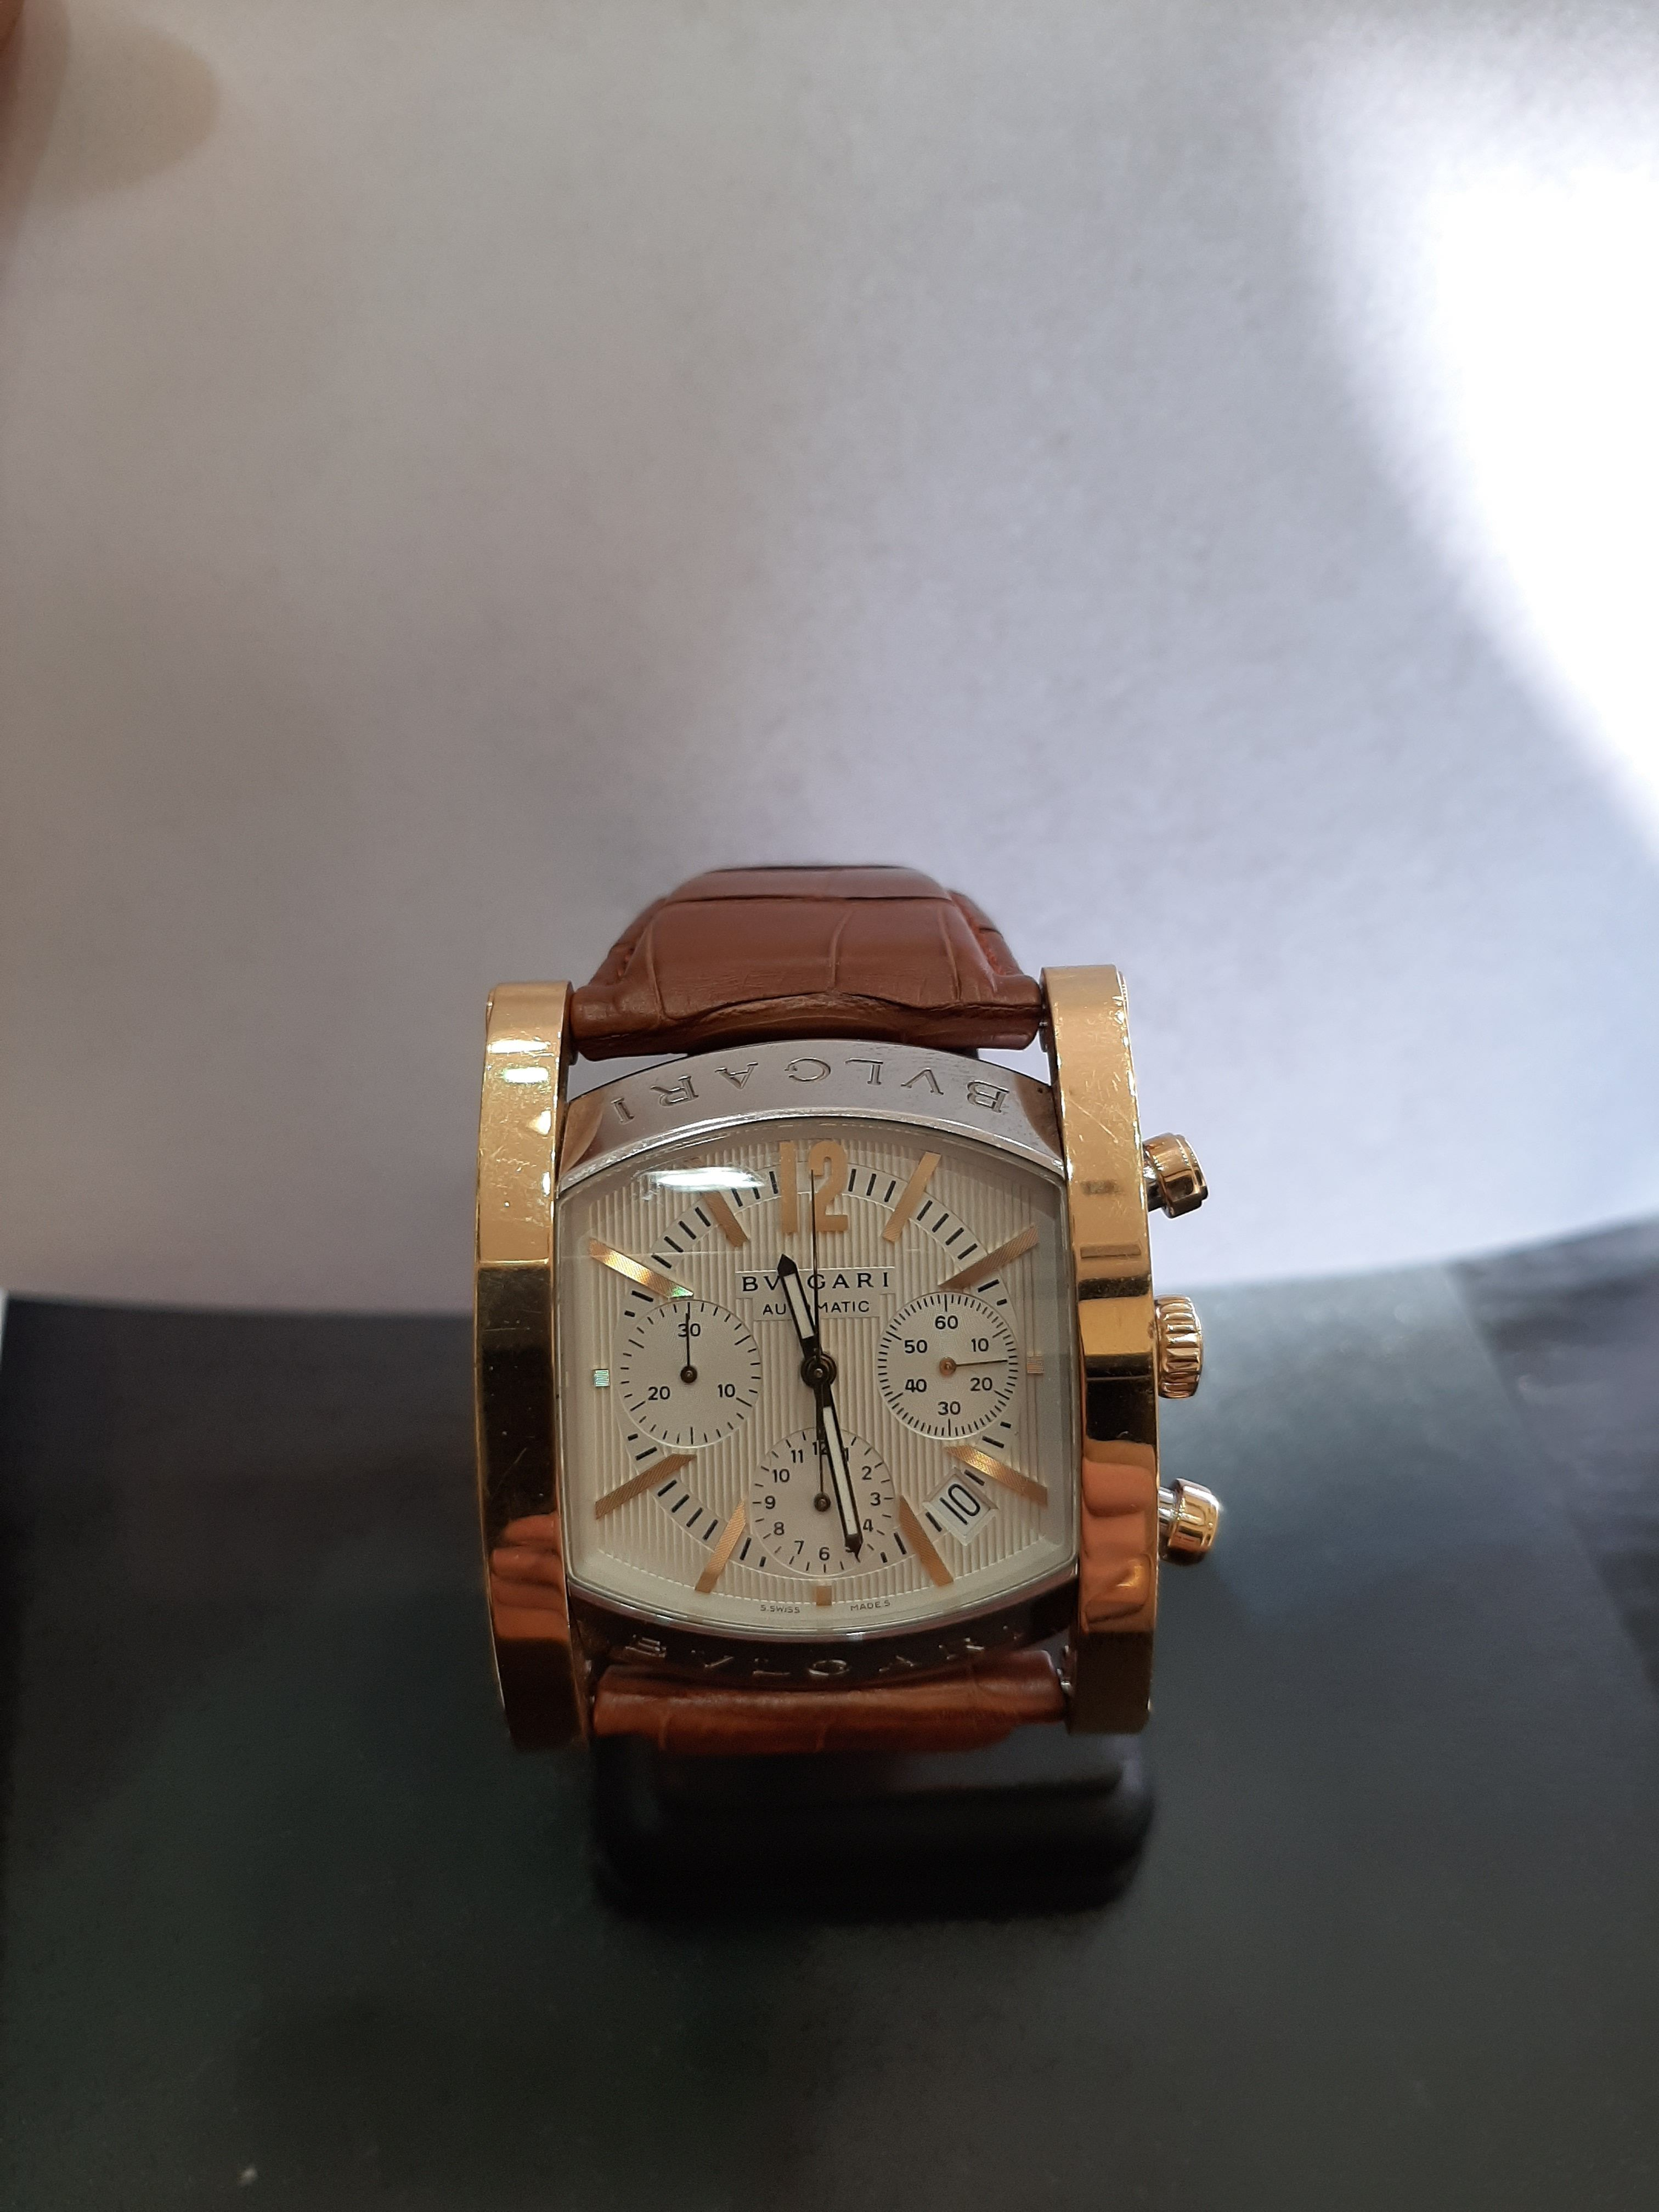 Reloj Bulgarí Assioma: Compra Venta de Oro y Plata de MR. SILVER & GOLD